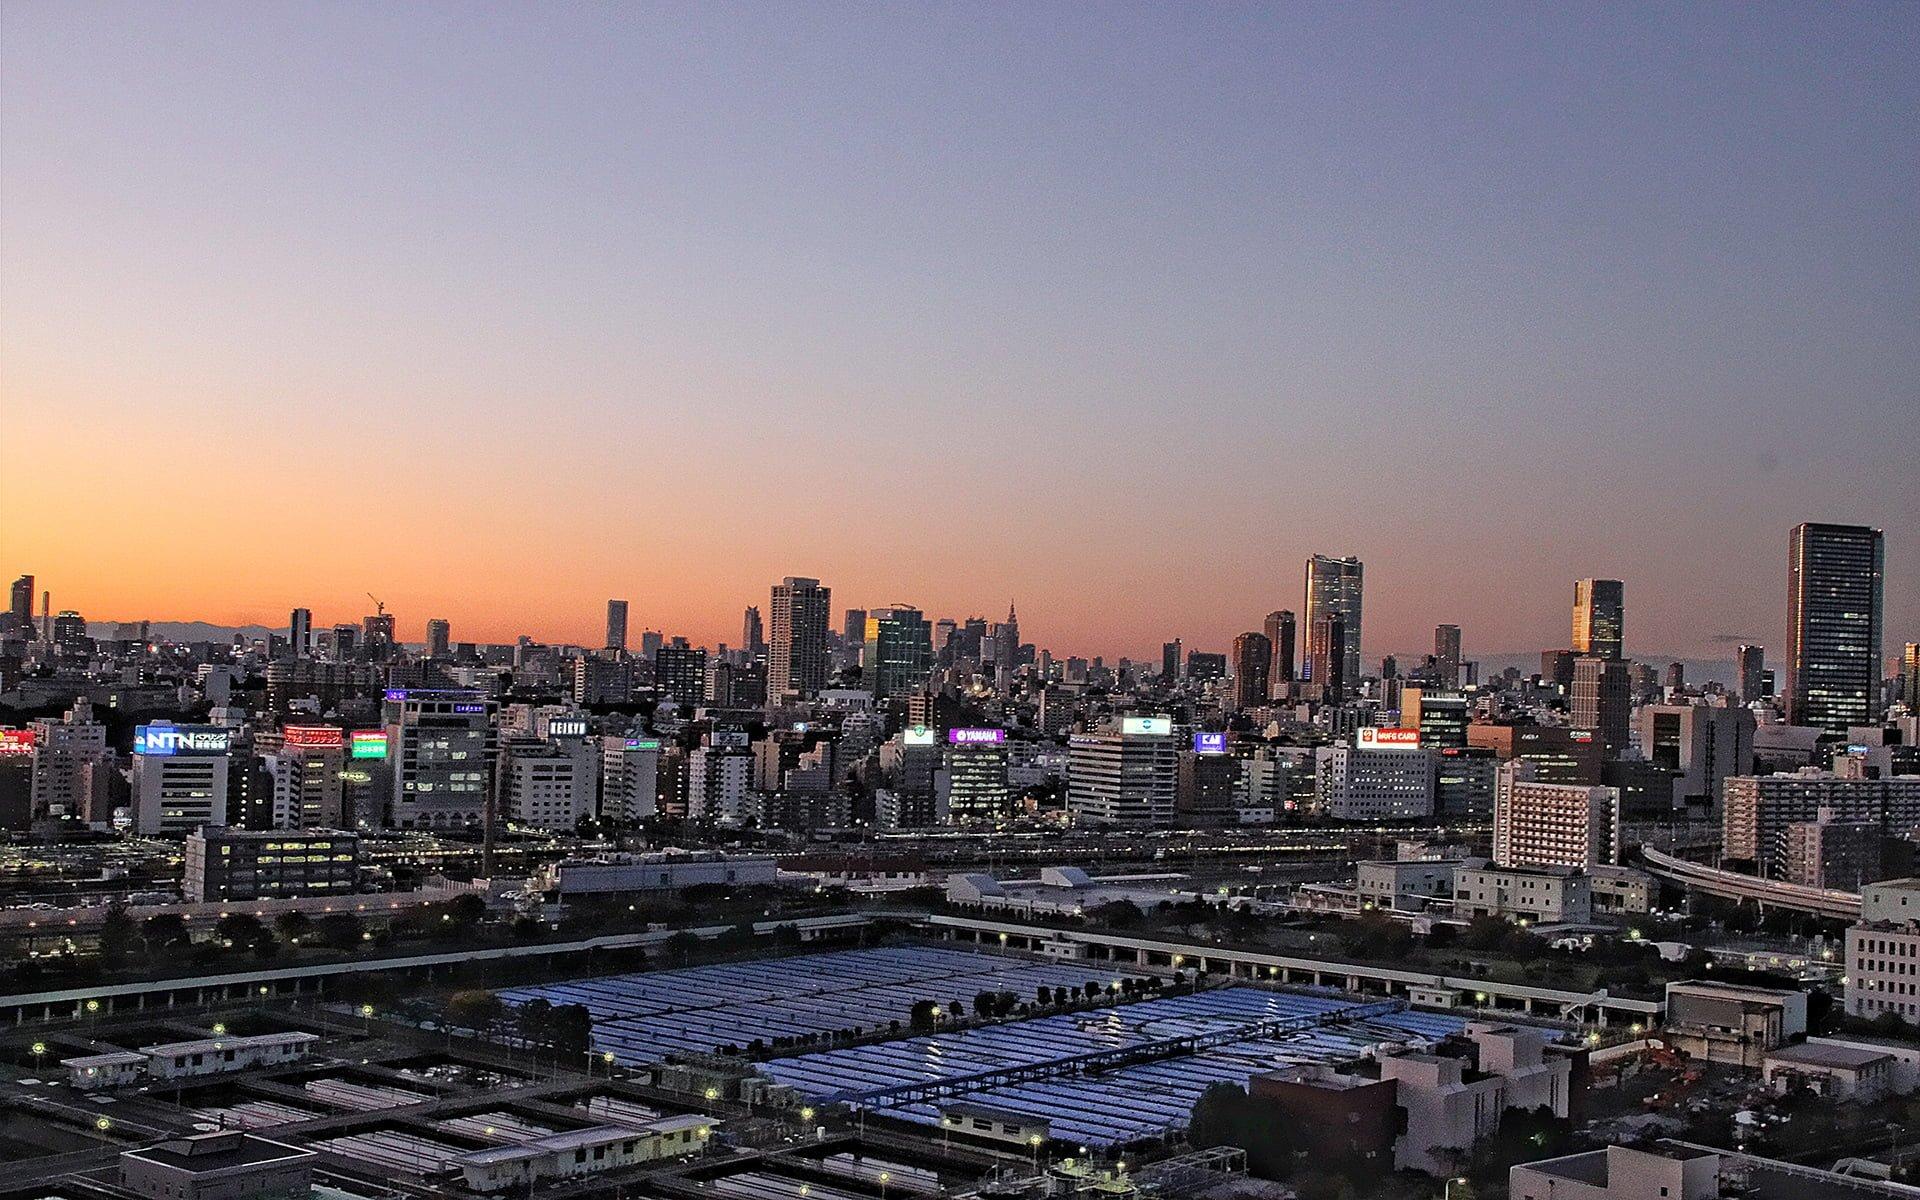 tokyo gökyüzü ve şehir